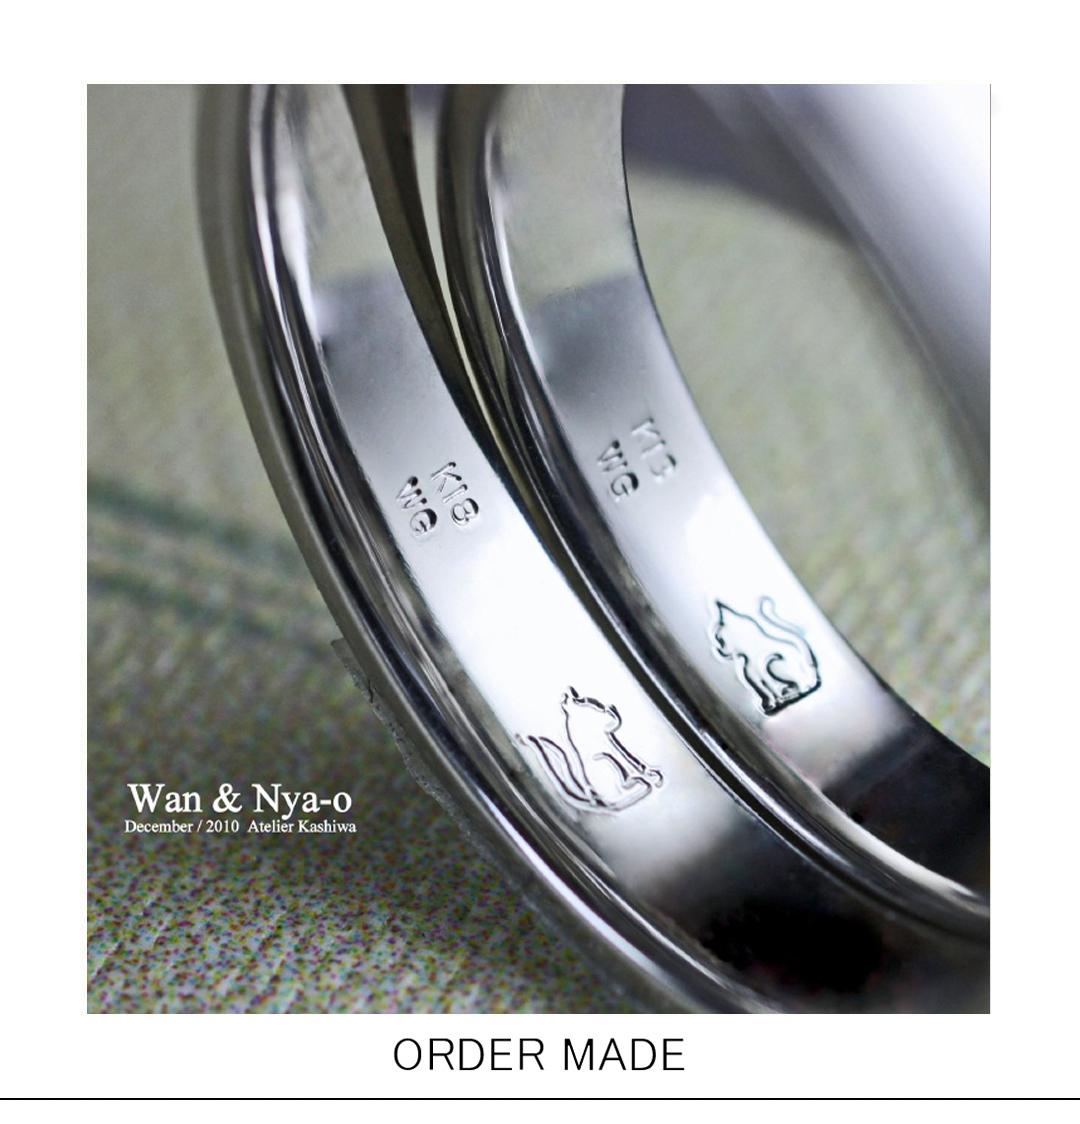 結婚指輪の内側にワンちゃん&ネコちゃんが入ったオーダーリングのサムネイル